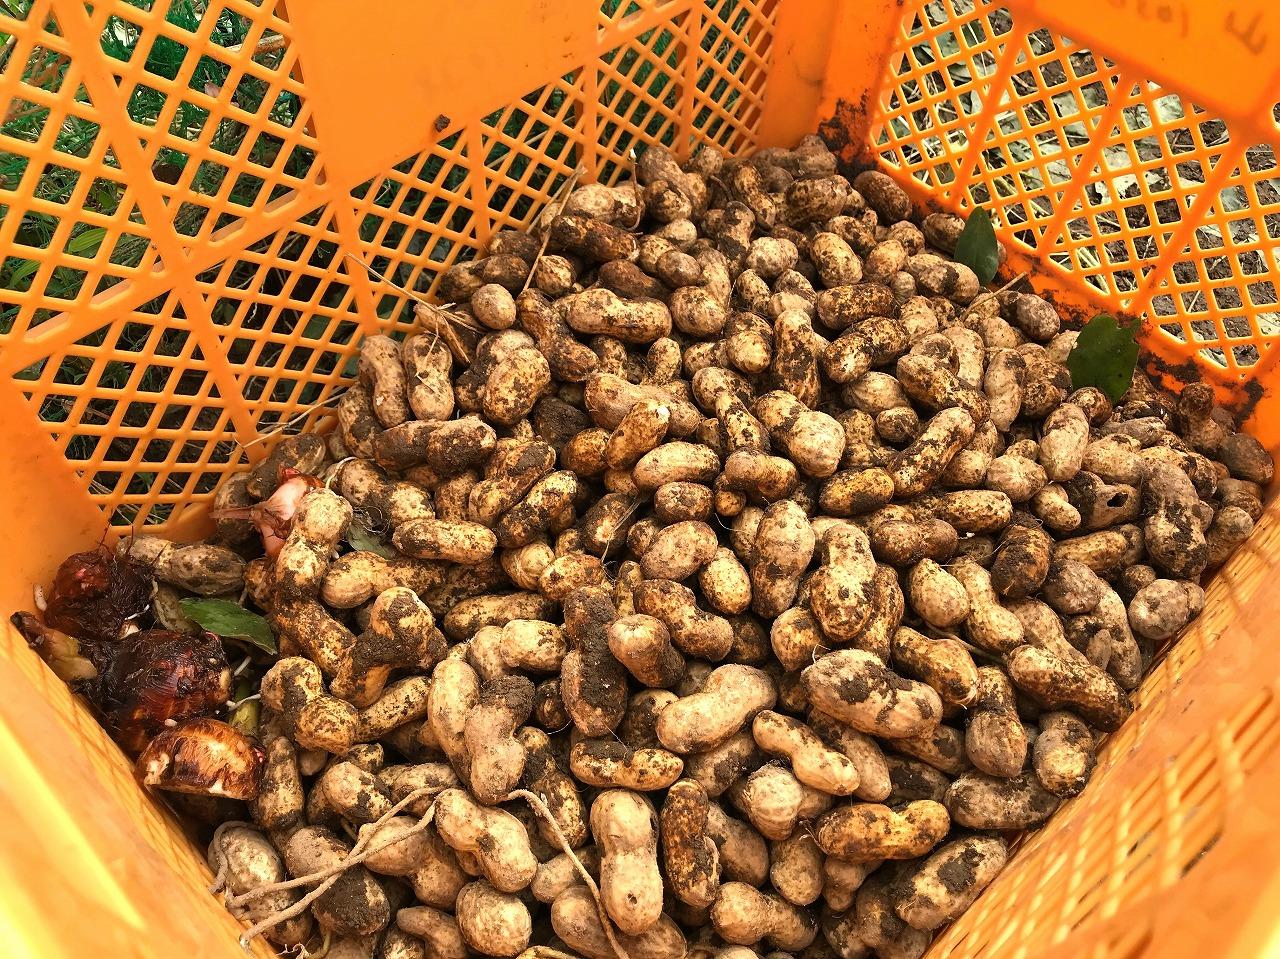 20171014-Peanut_Harvest-I02.jpg